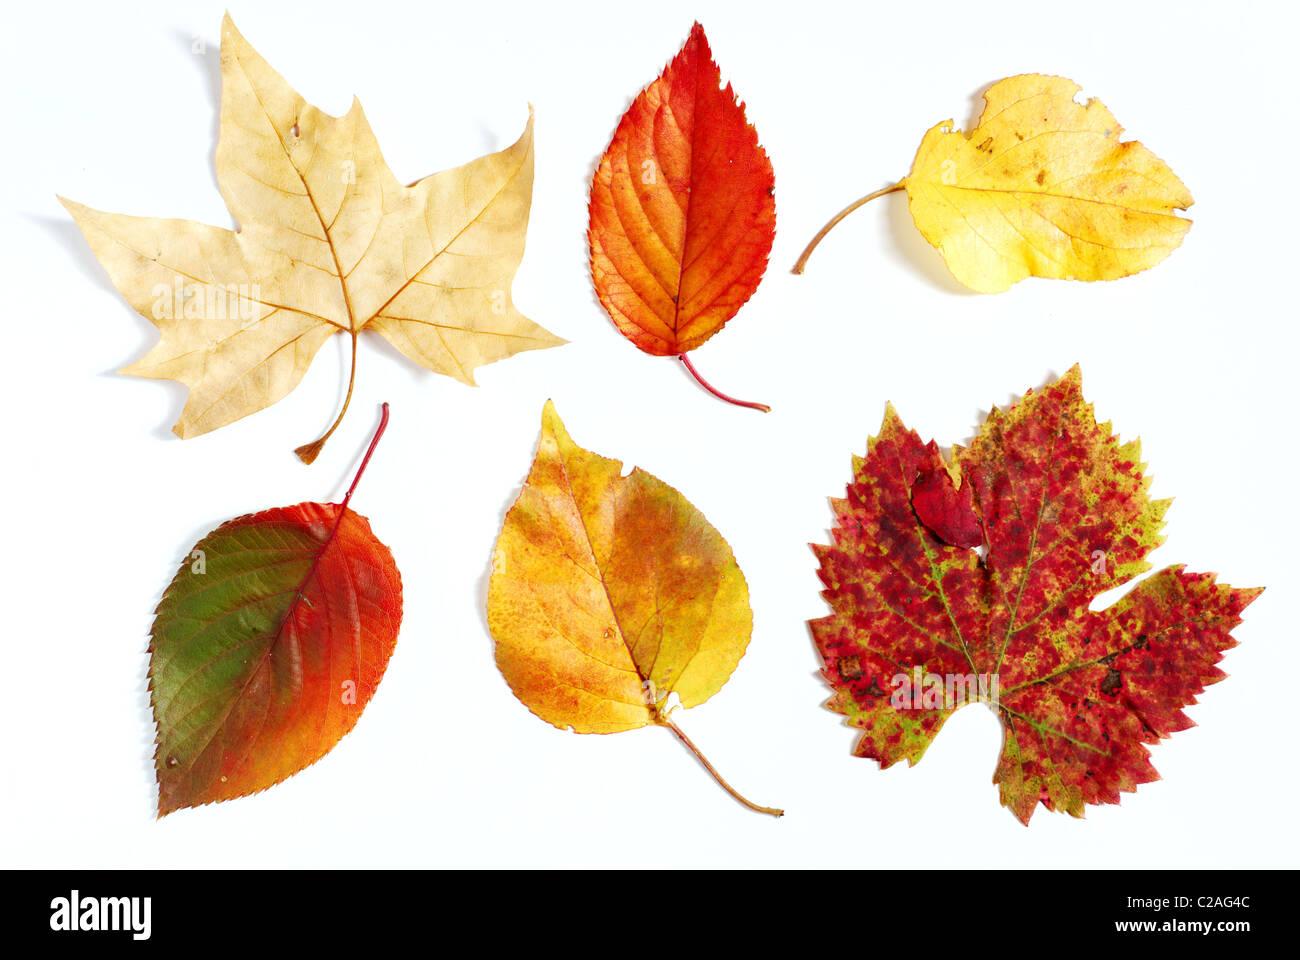 Variedad de color en el otoño las hojas fotografiado sobre fondo blanco. Imagen De Stock